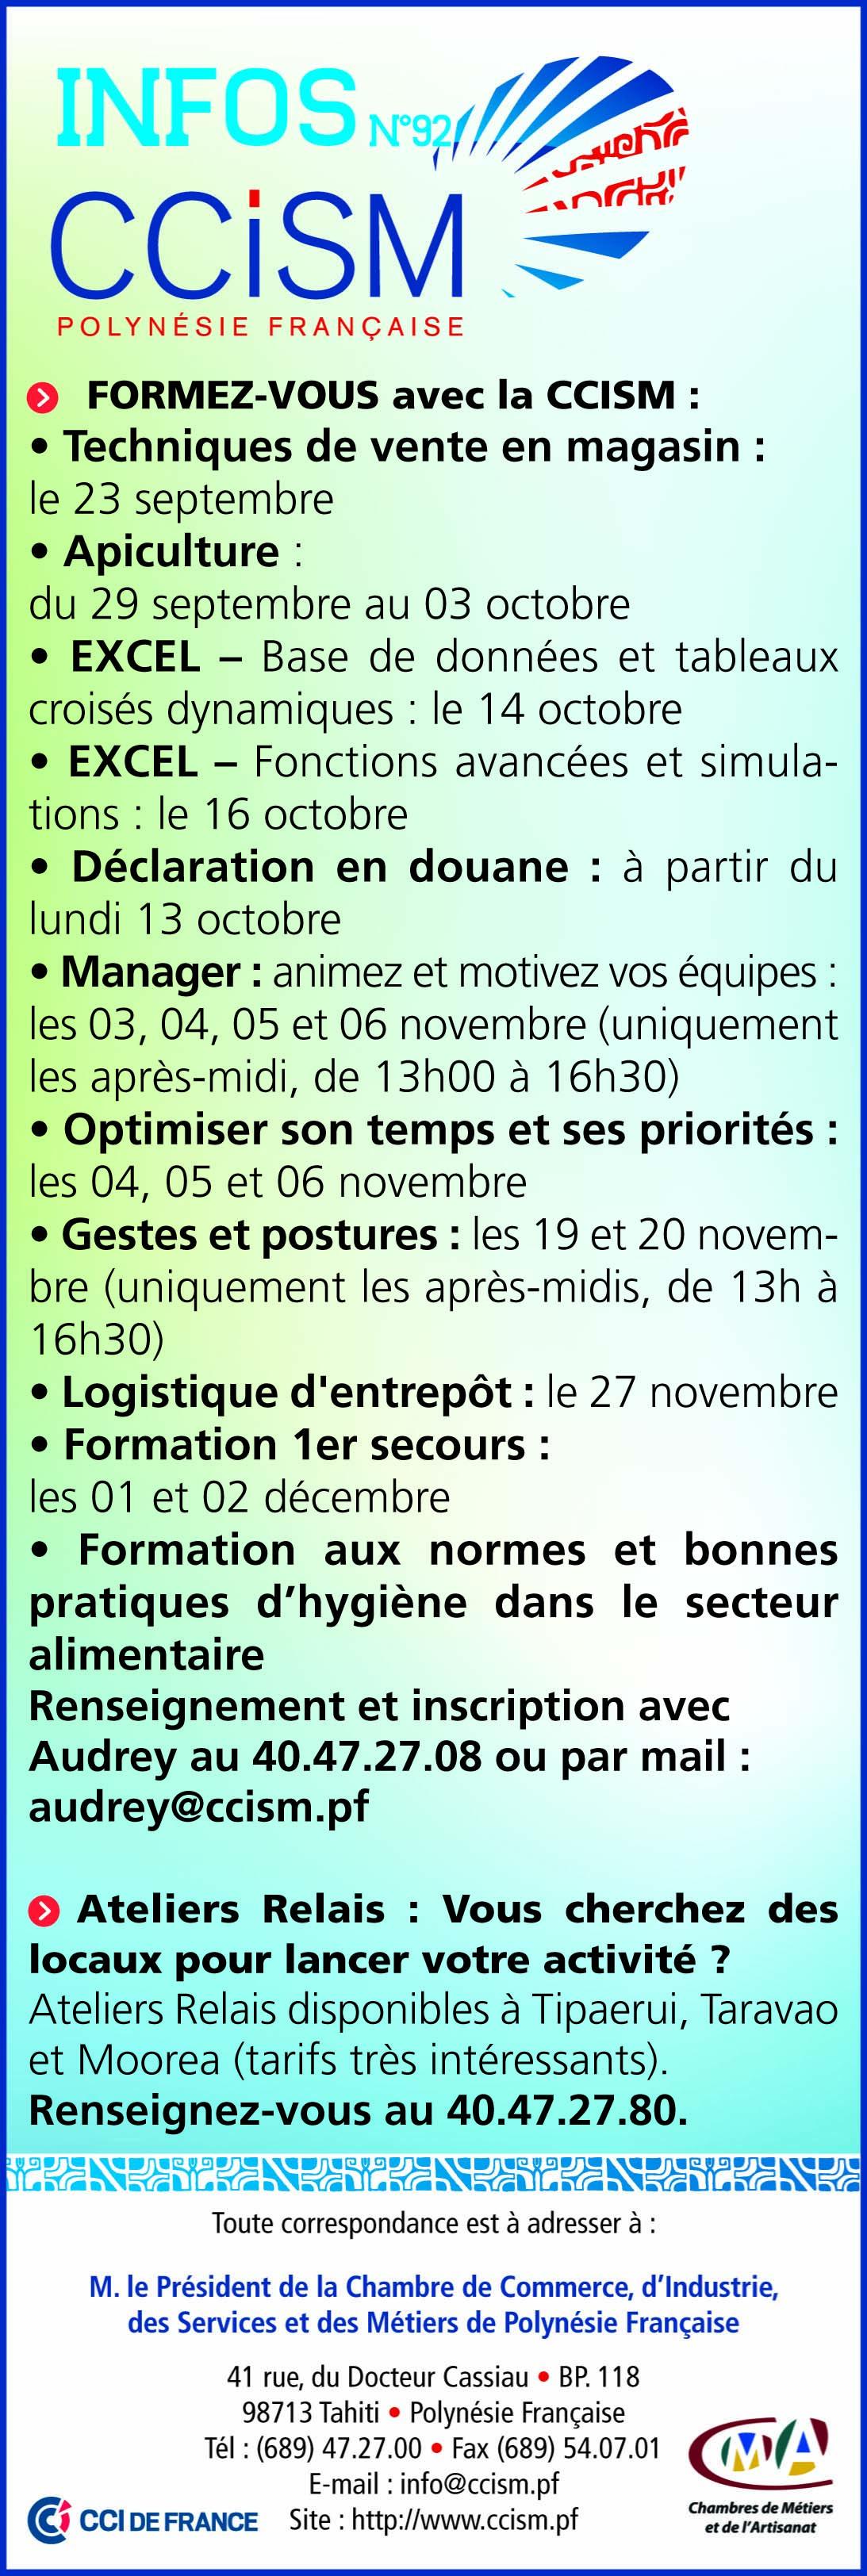 Infos CCISM N°92